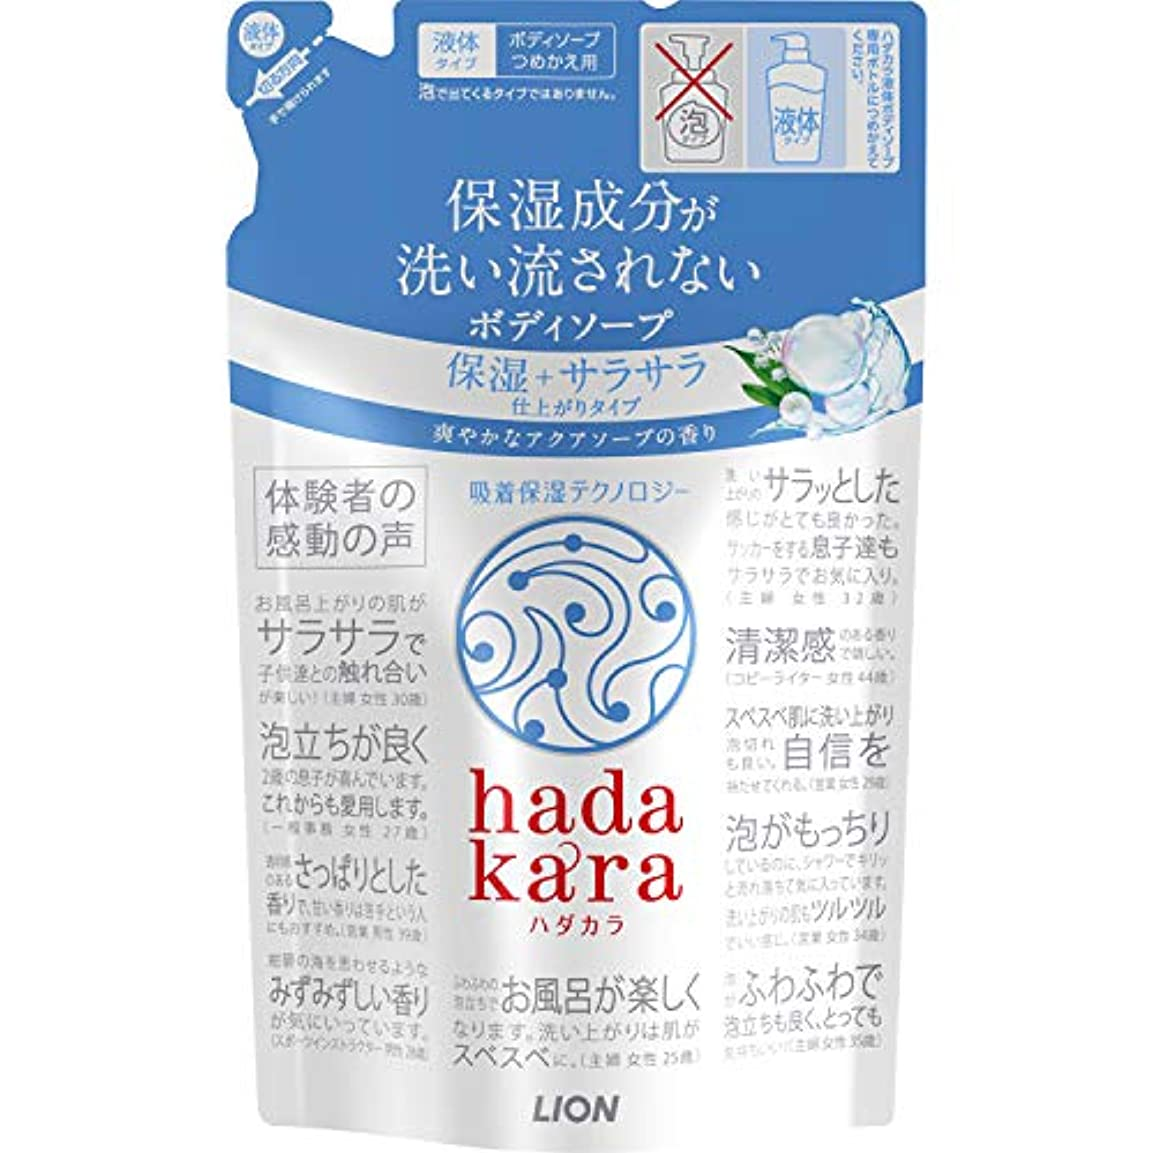 発信州耐えるhadakara(ハダカラ) ボディソープ 保湿+サラサラ仕上がりタイプ アクアソープの香り 詰め替え 340ml